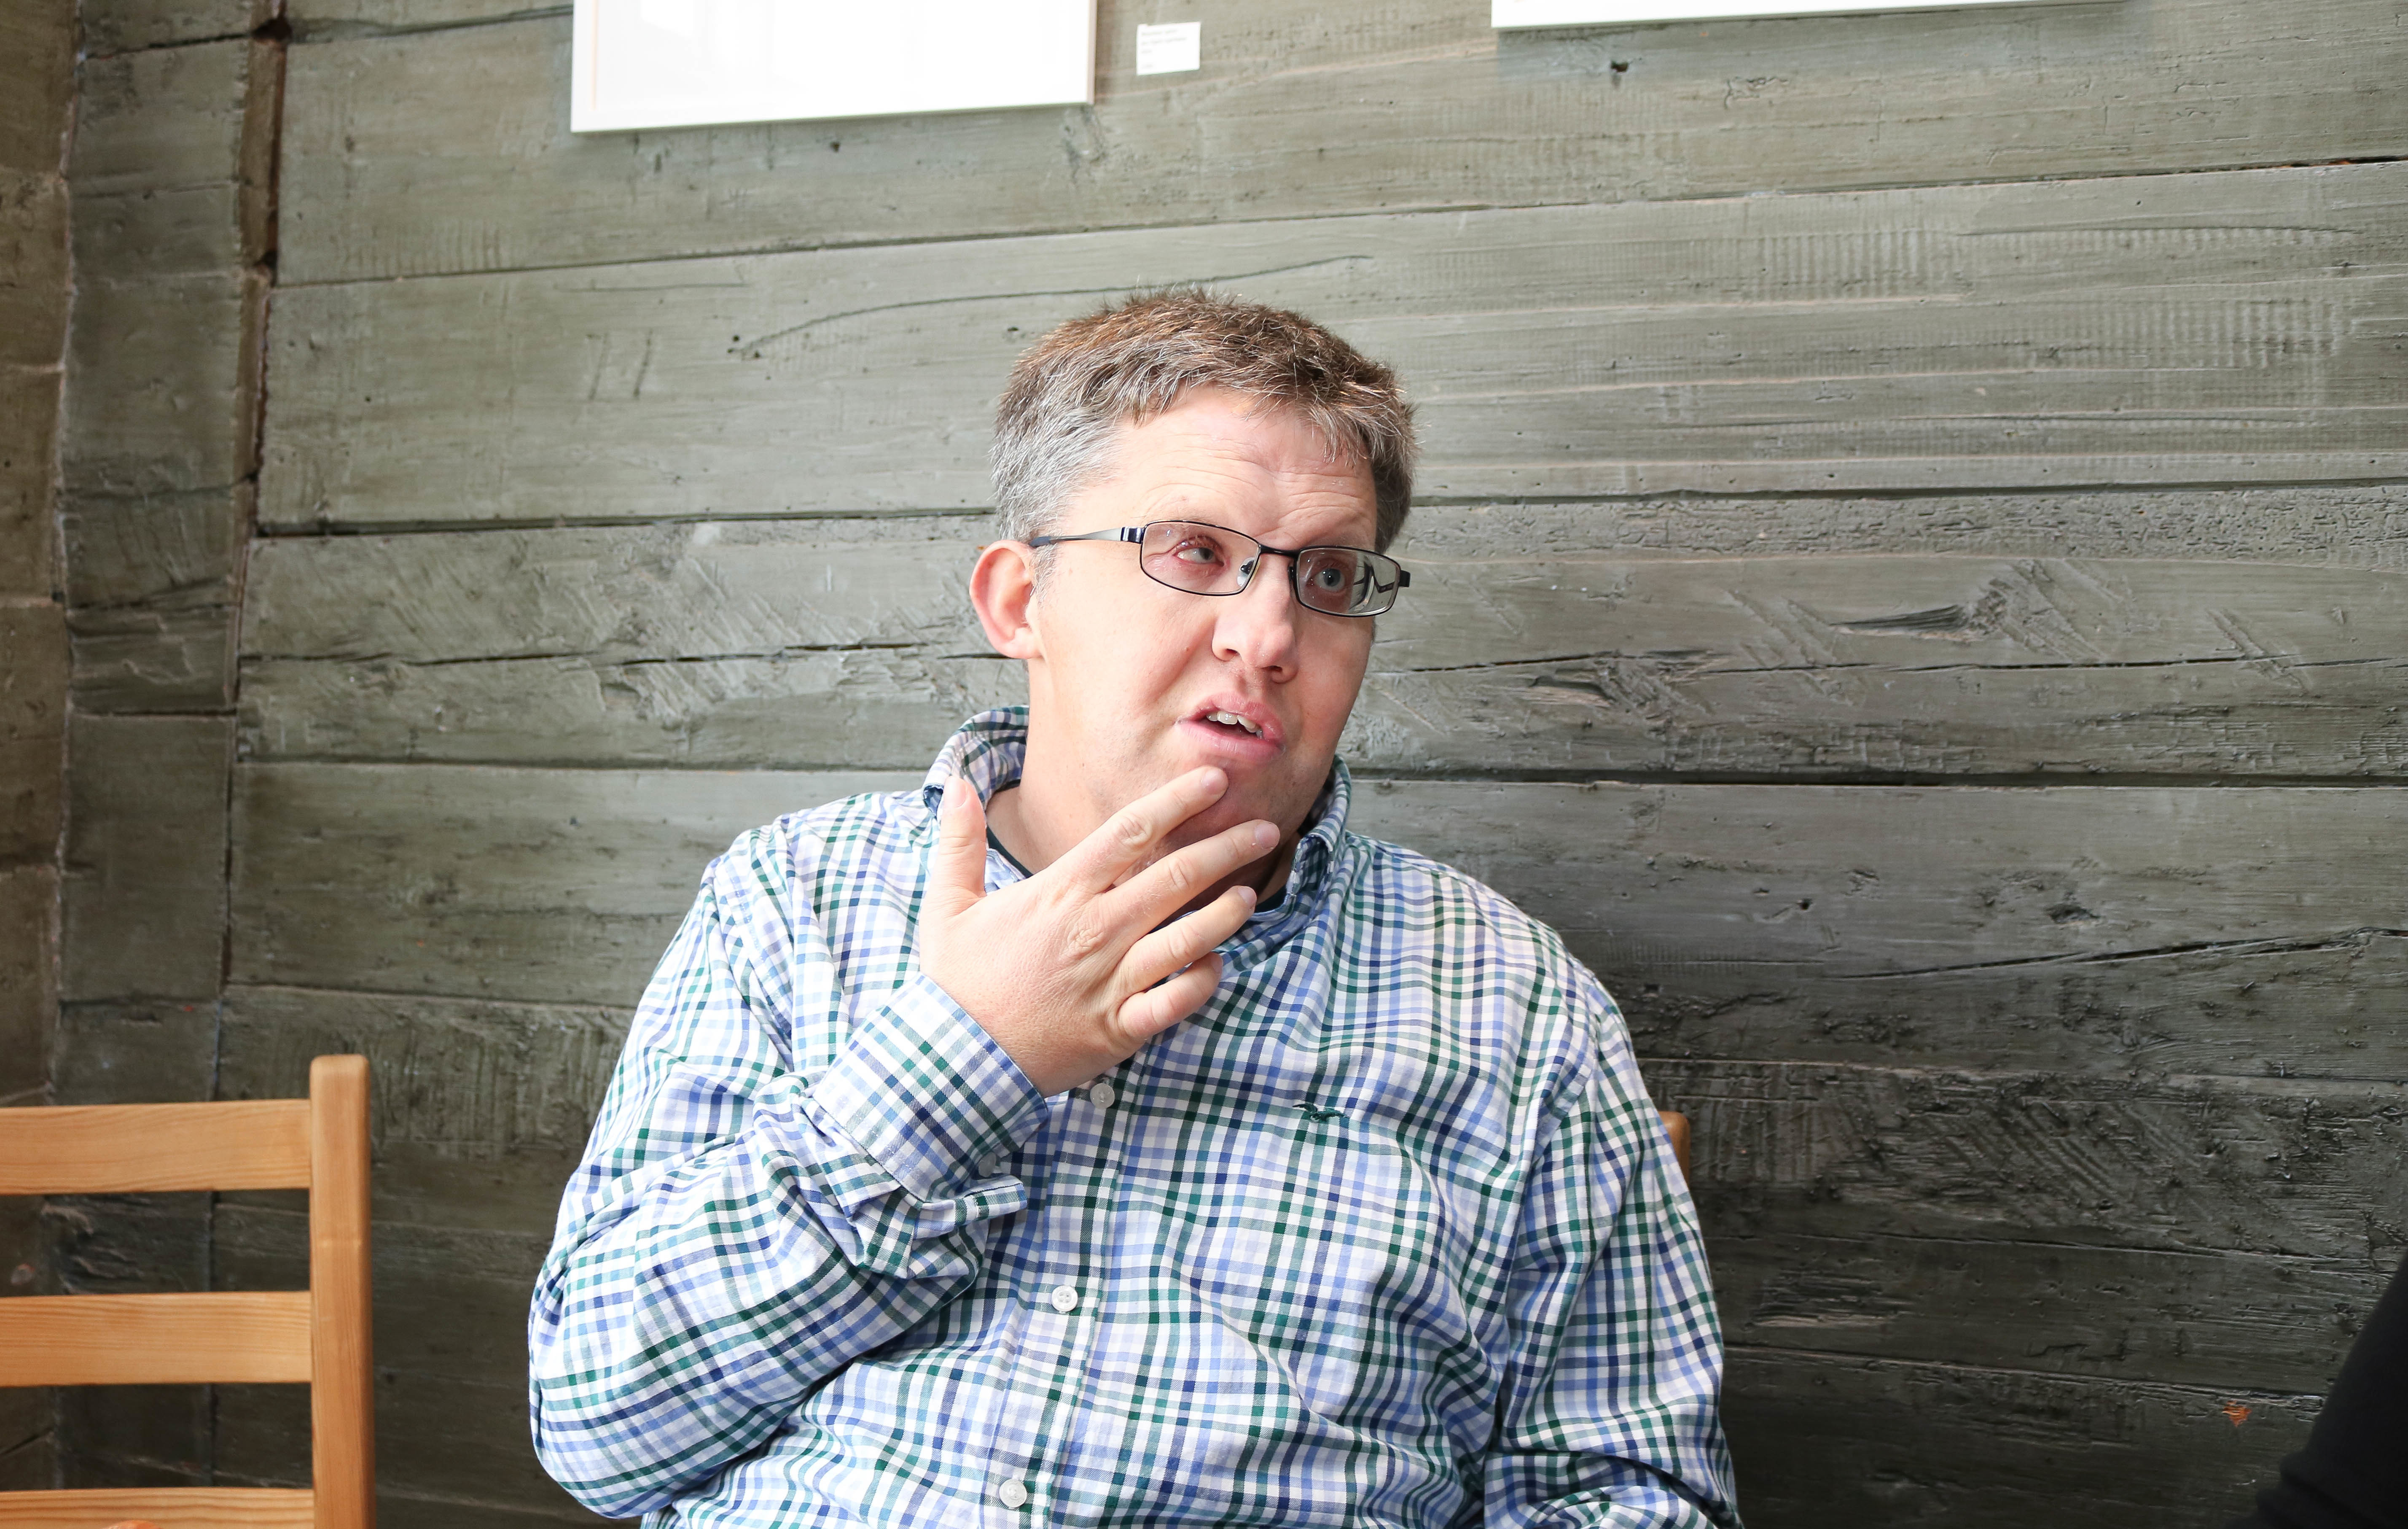 Mann med CHARGE-syndrom har på seg briller og rutete skjorte. Han er i en samtale og holder høyre hånd opp mot munnen.